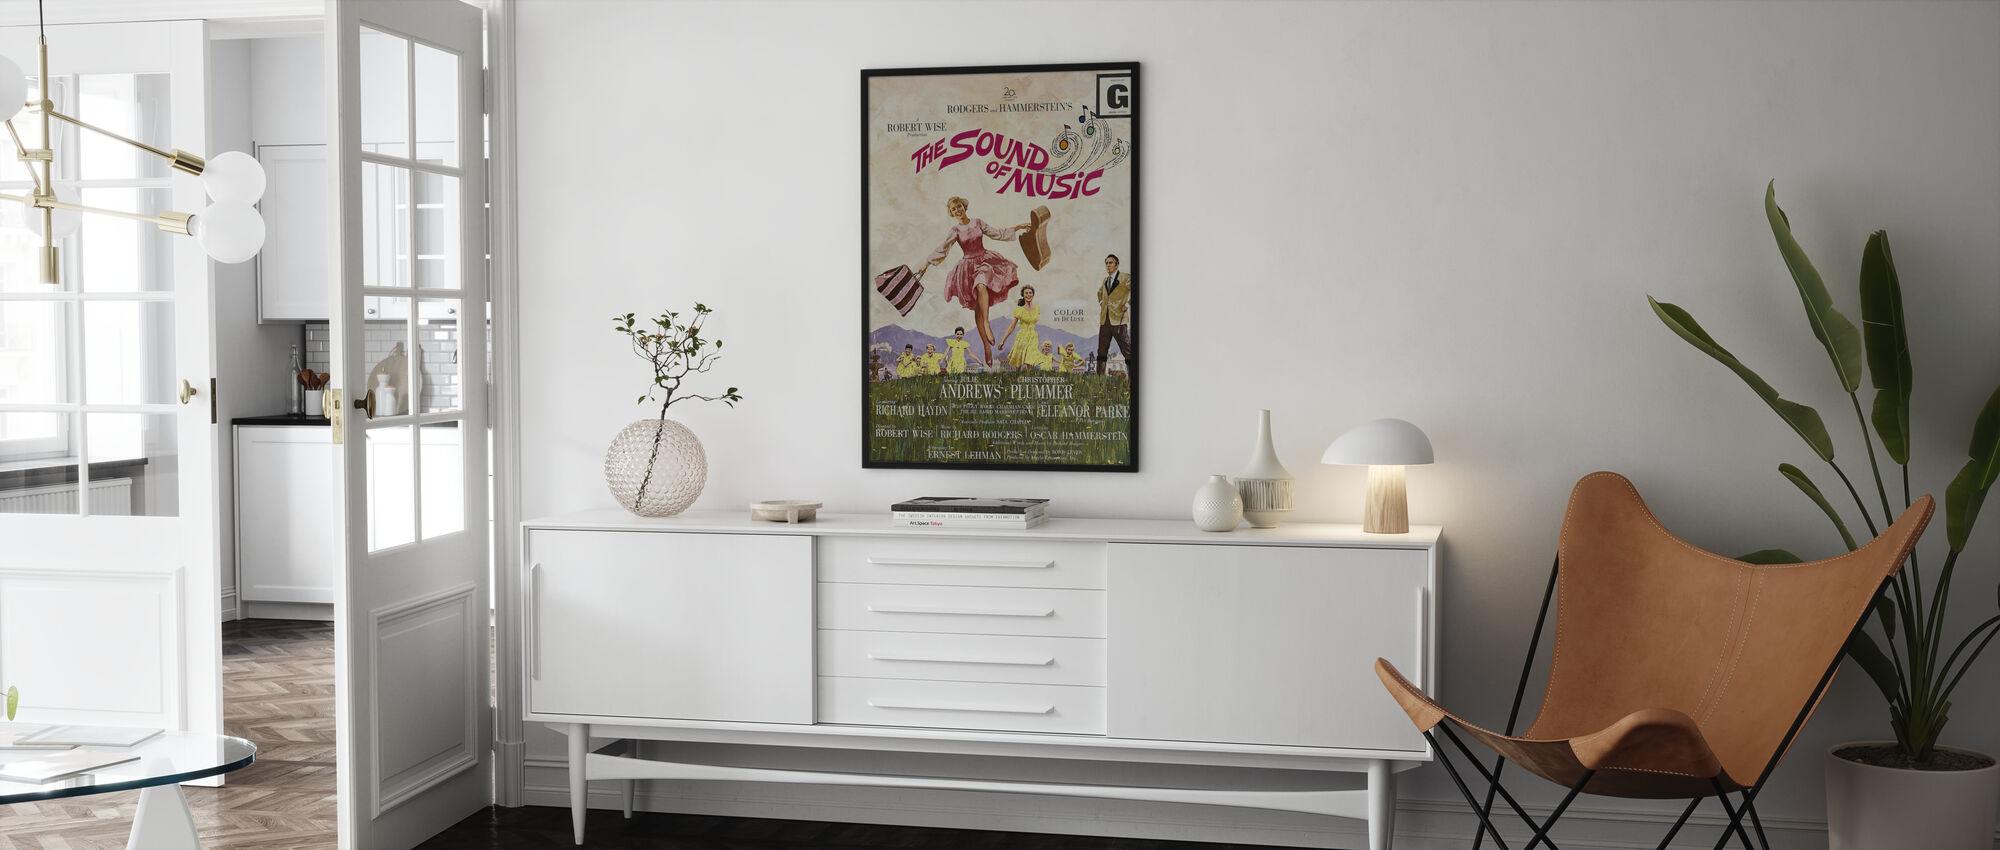 Geluid van muziek - Poster - Woonkamer